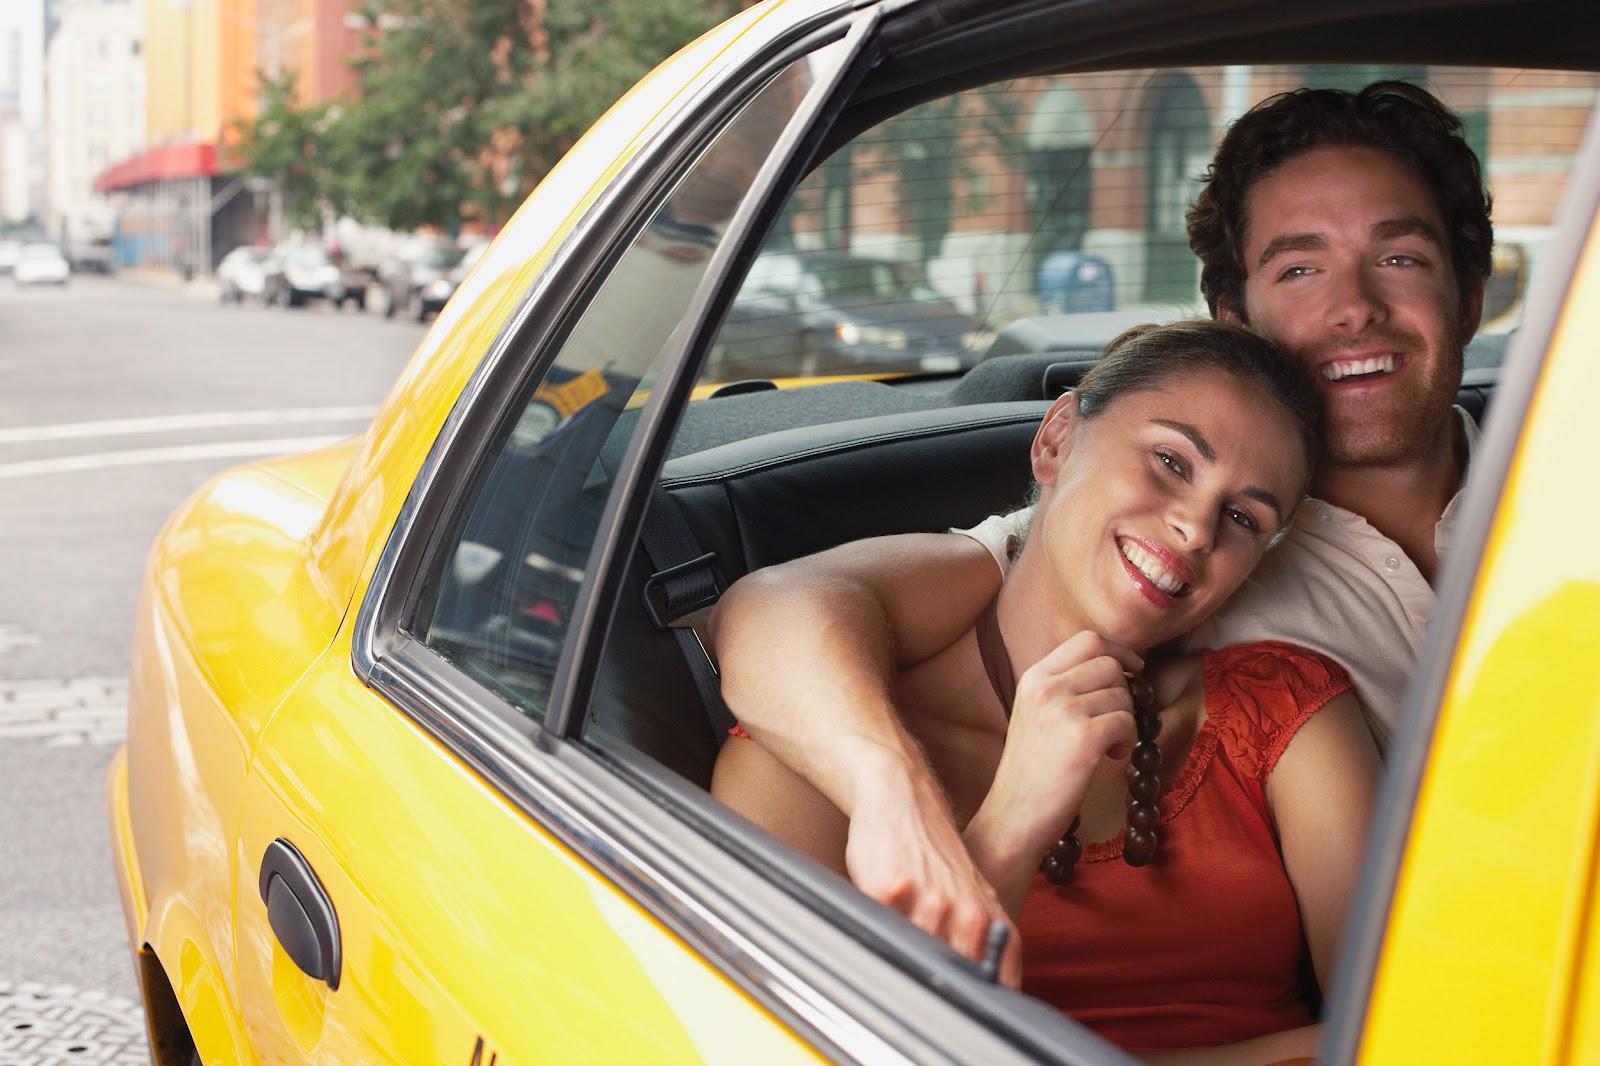 13 способов разозлить водителя и уничтожить комфортную поездку в такси - Картинка 3